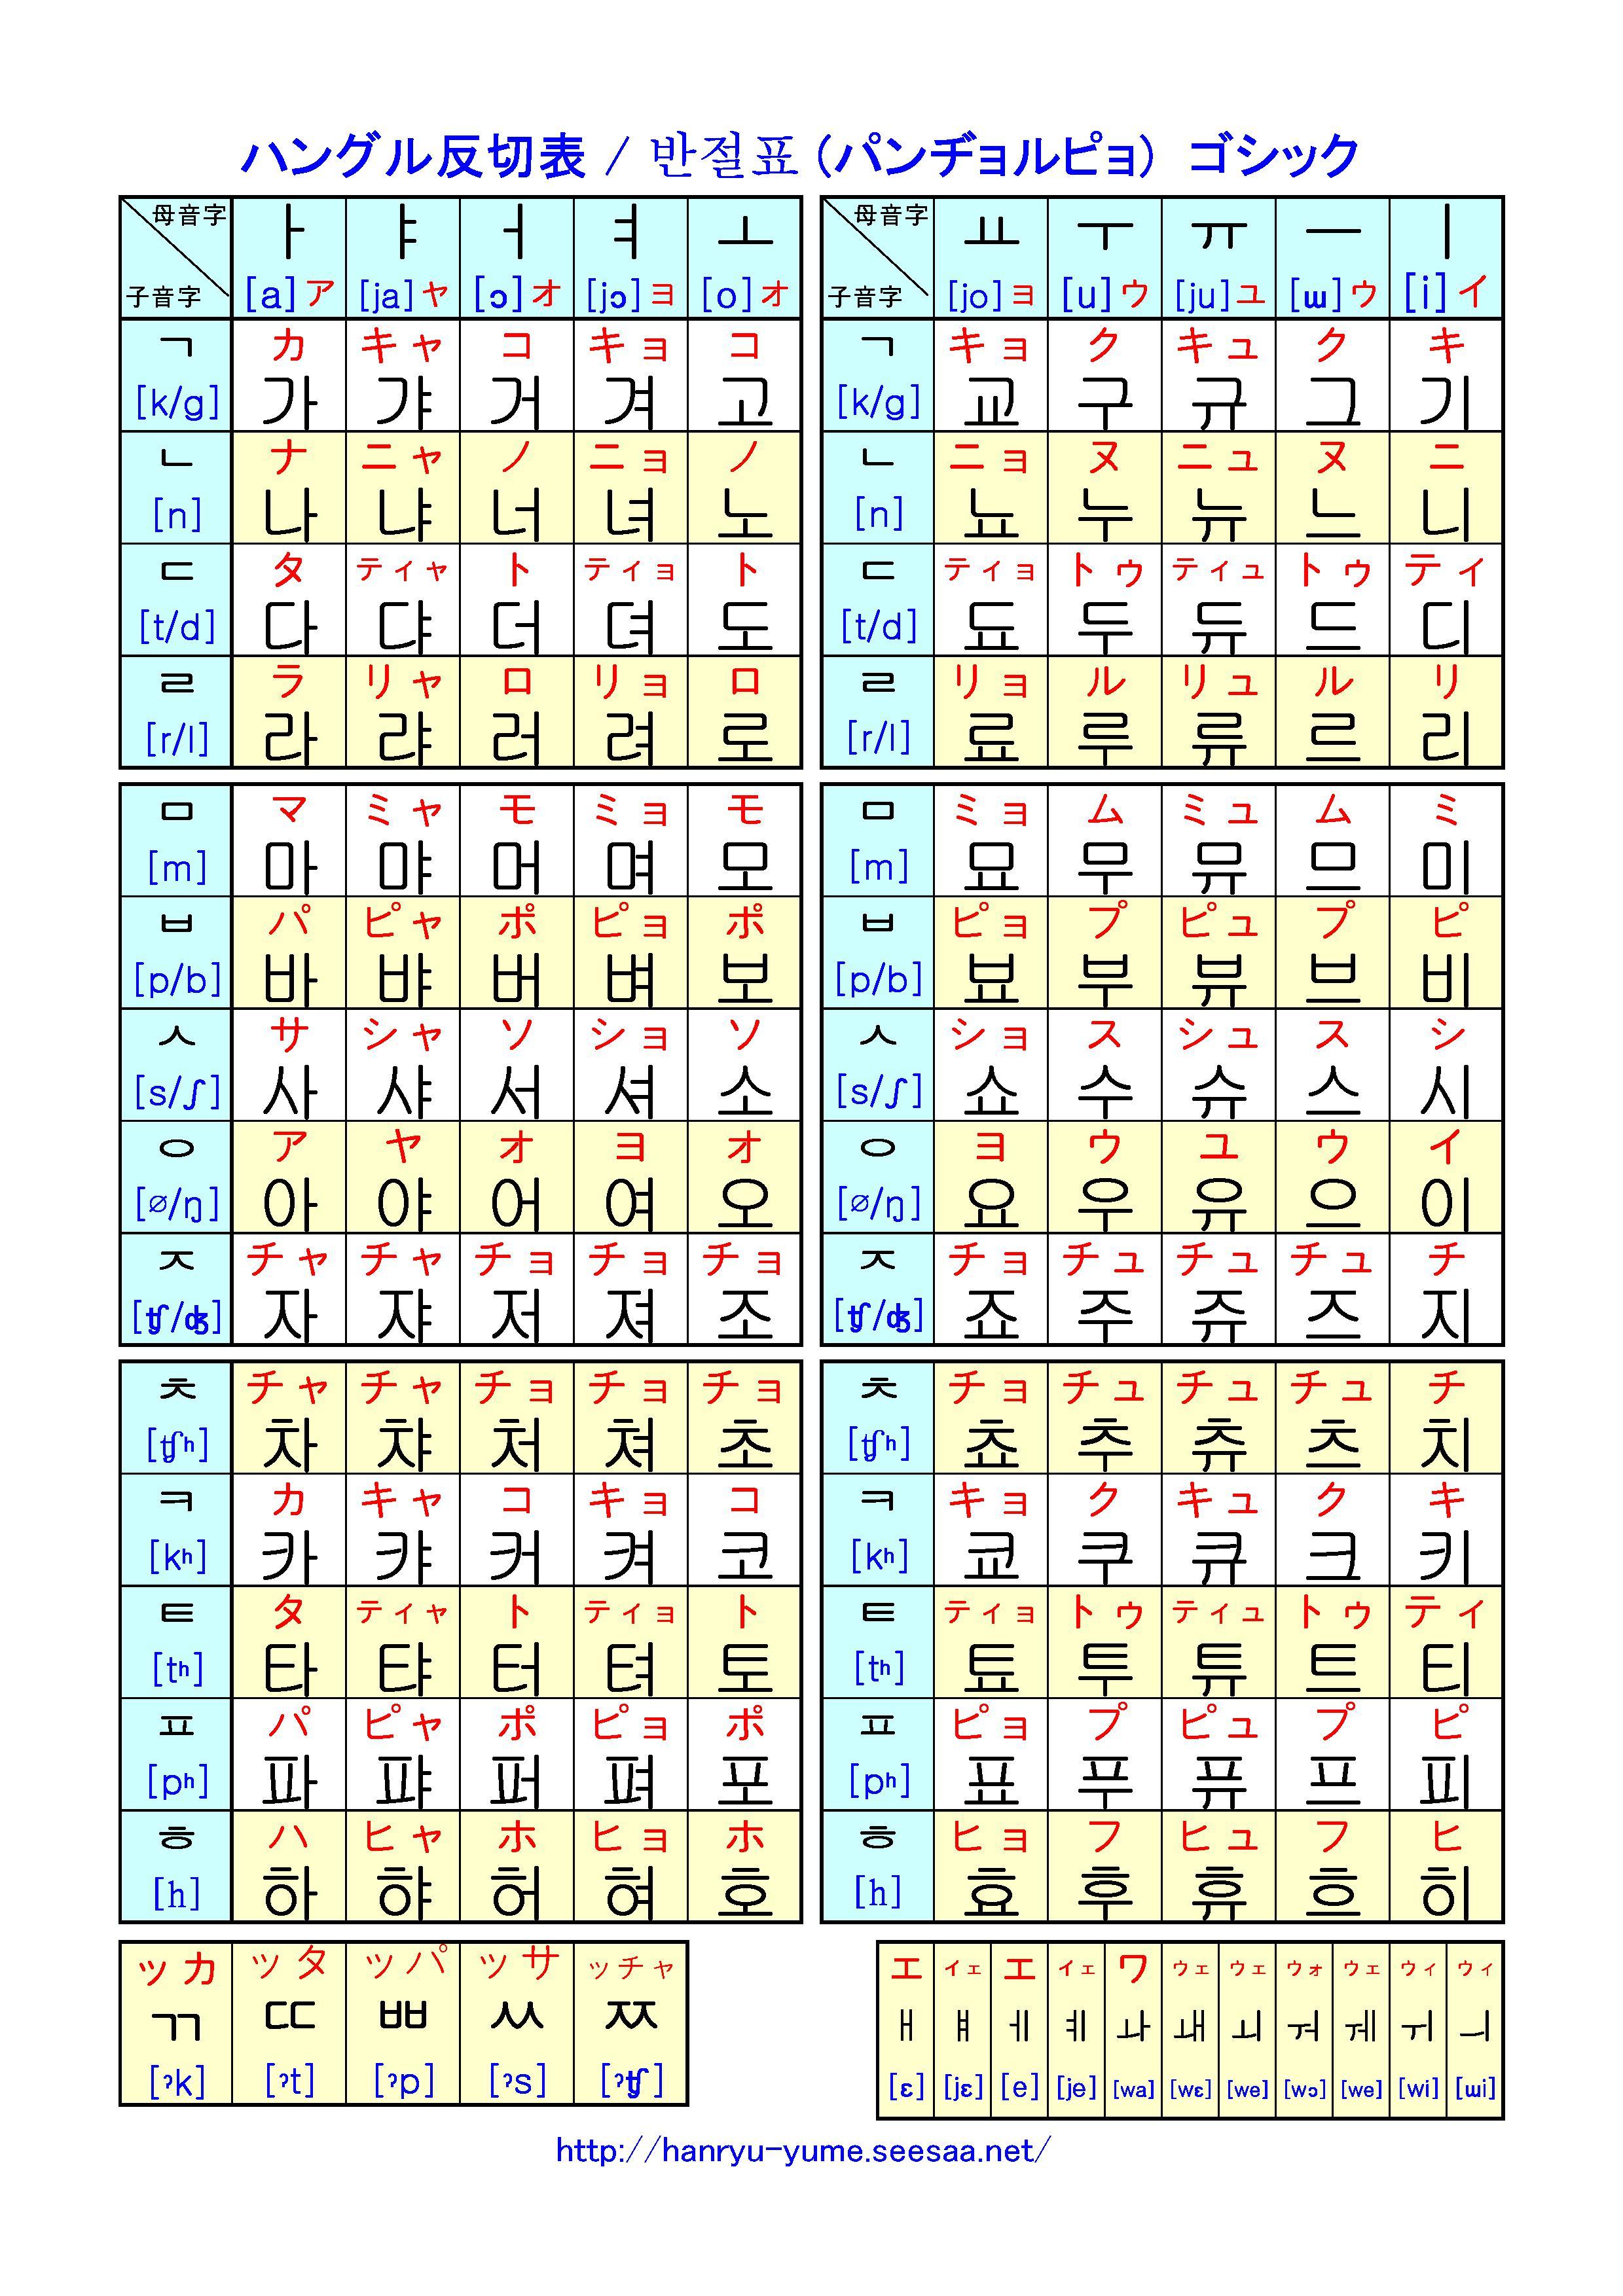 超初歩の初歩 無料 ハングル反切表・カナダラ表(ゴシック体)A4 ...